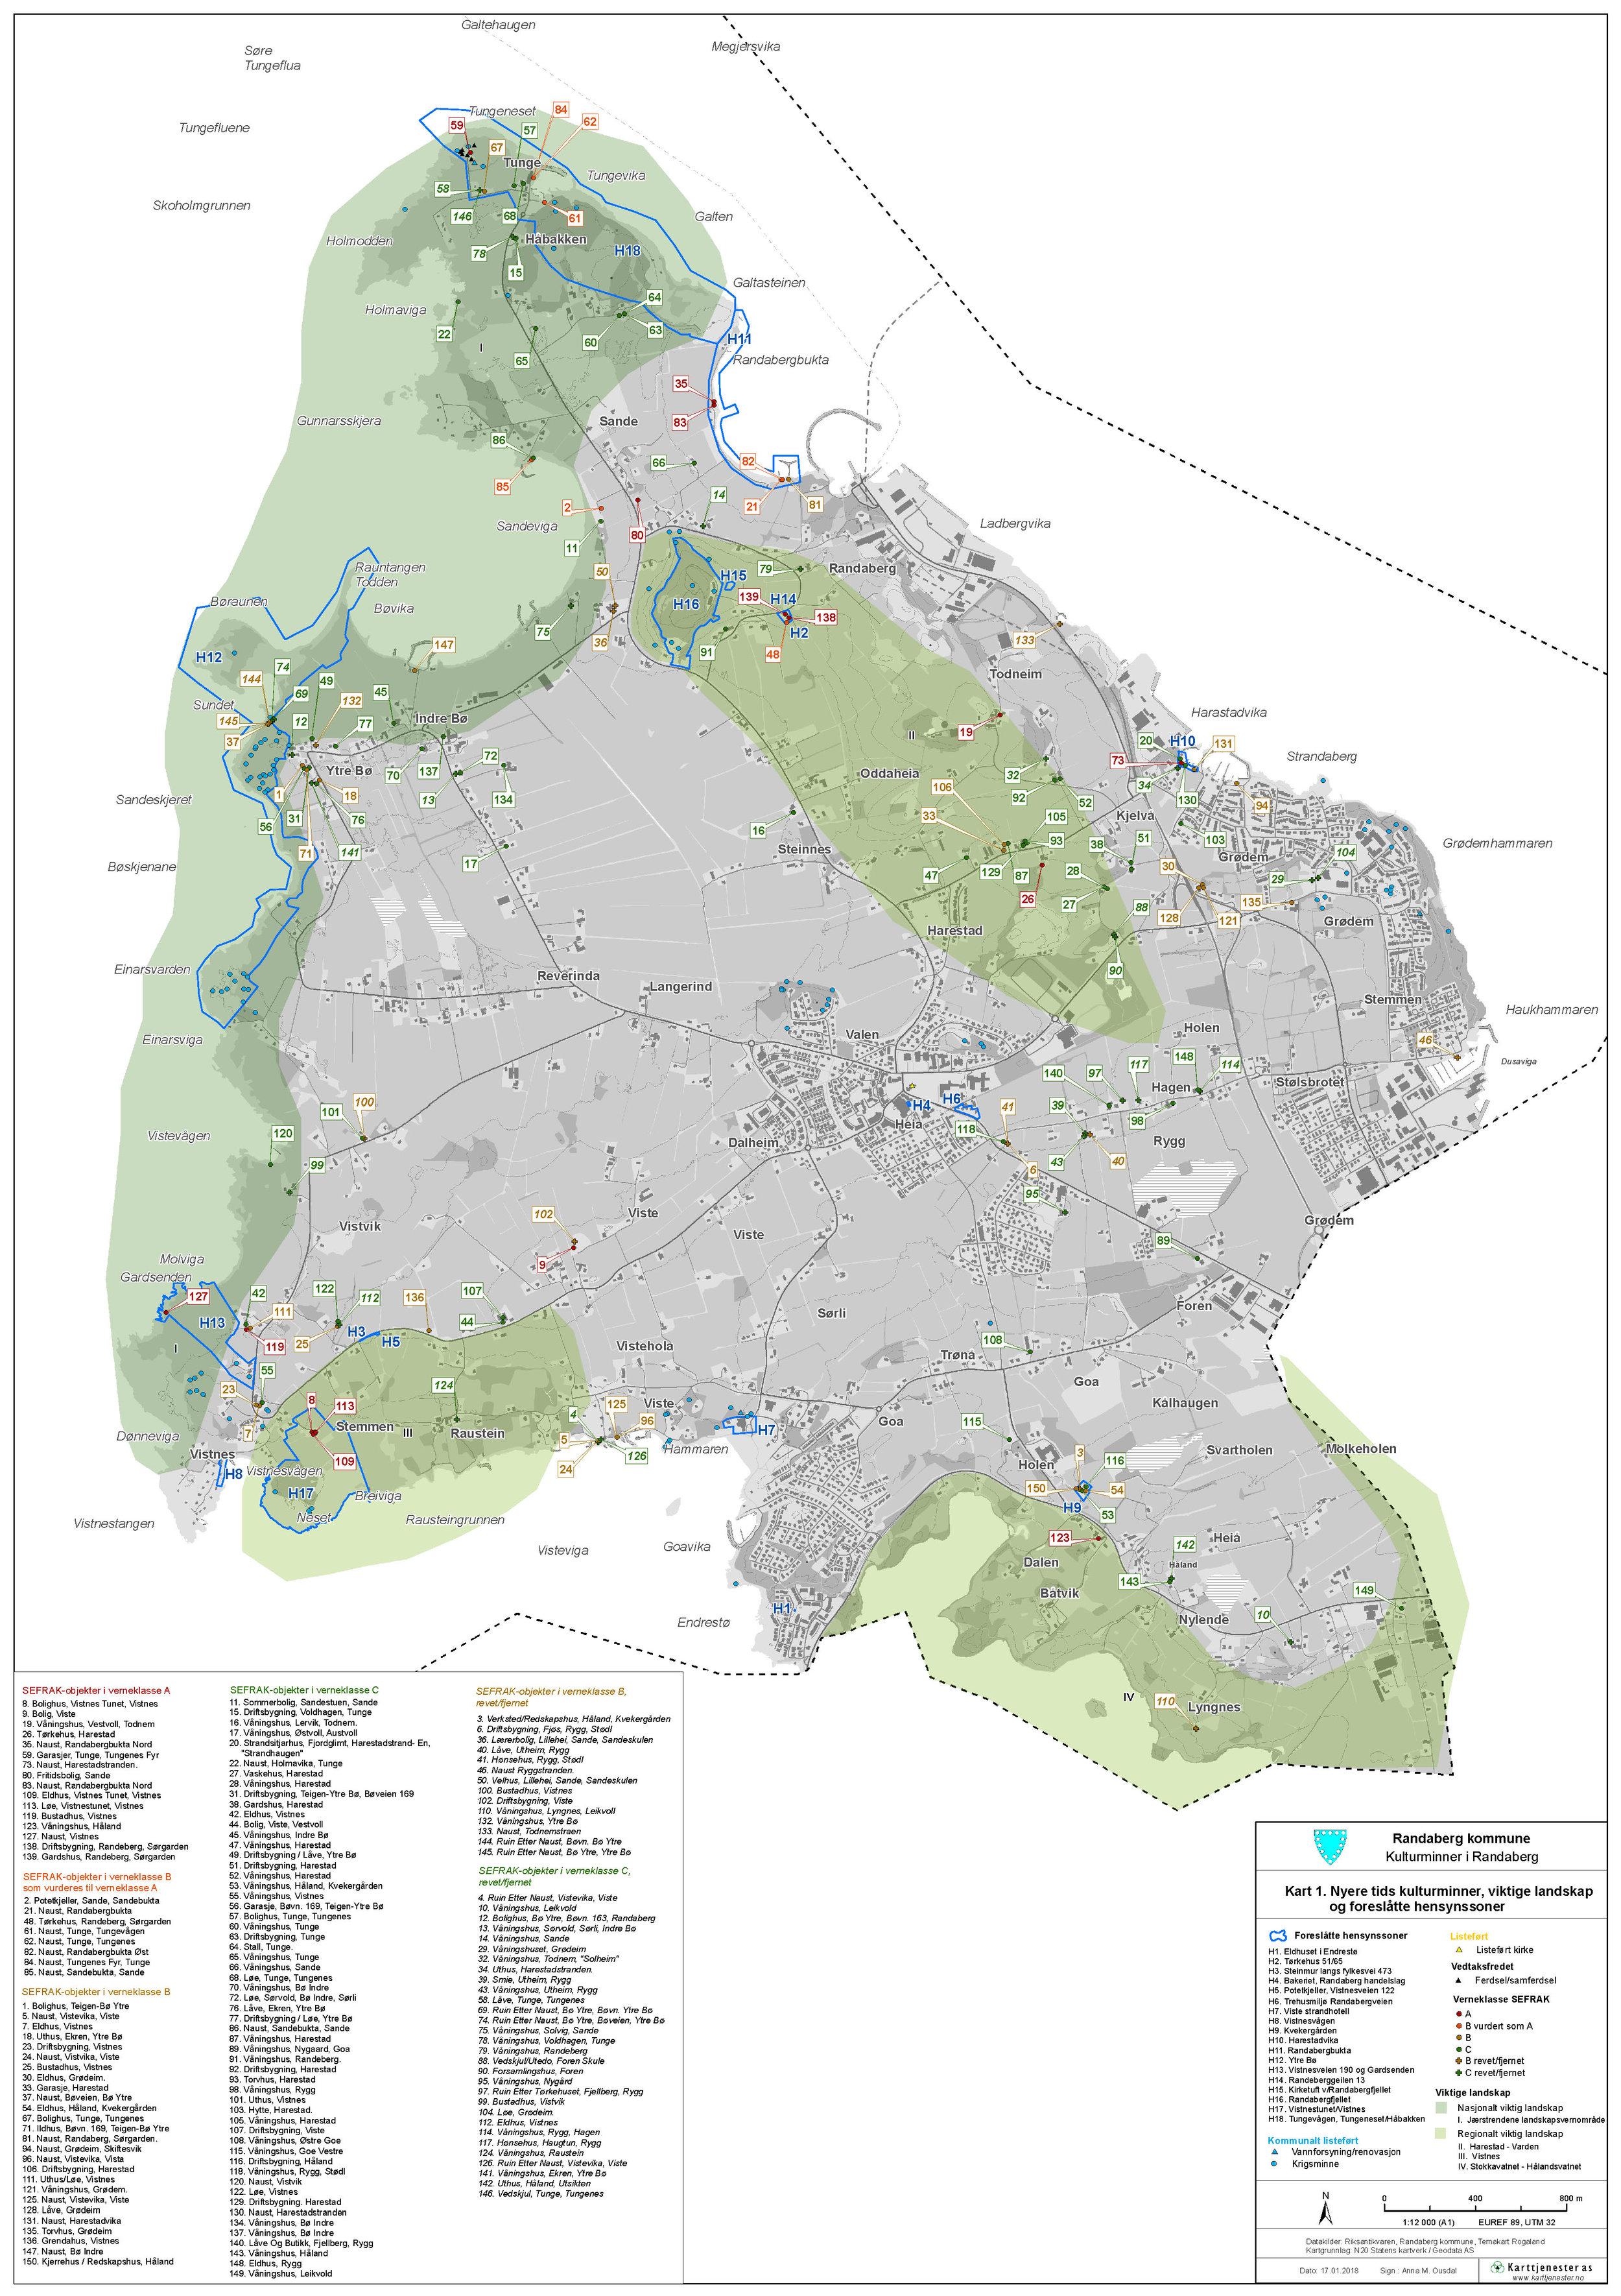 Kart 1. Nyere tids kulturminner, viktige landskap og foreslåtte hensynssoner